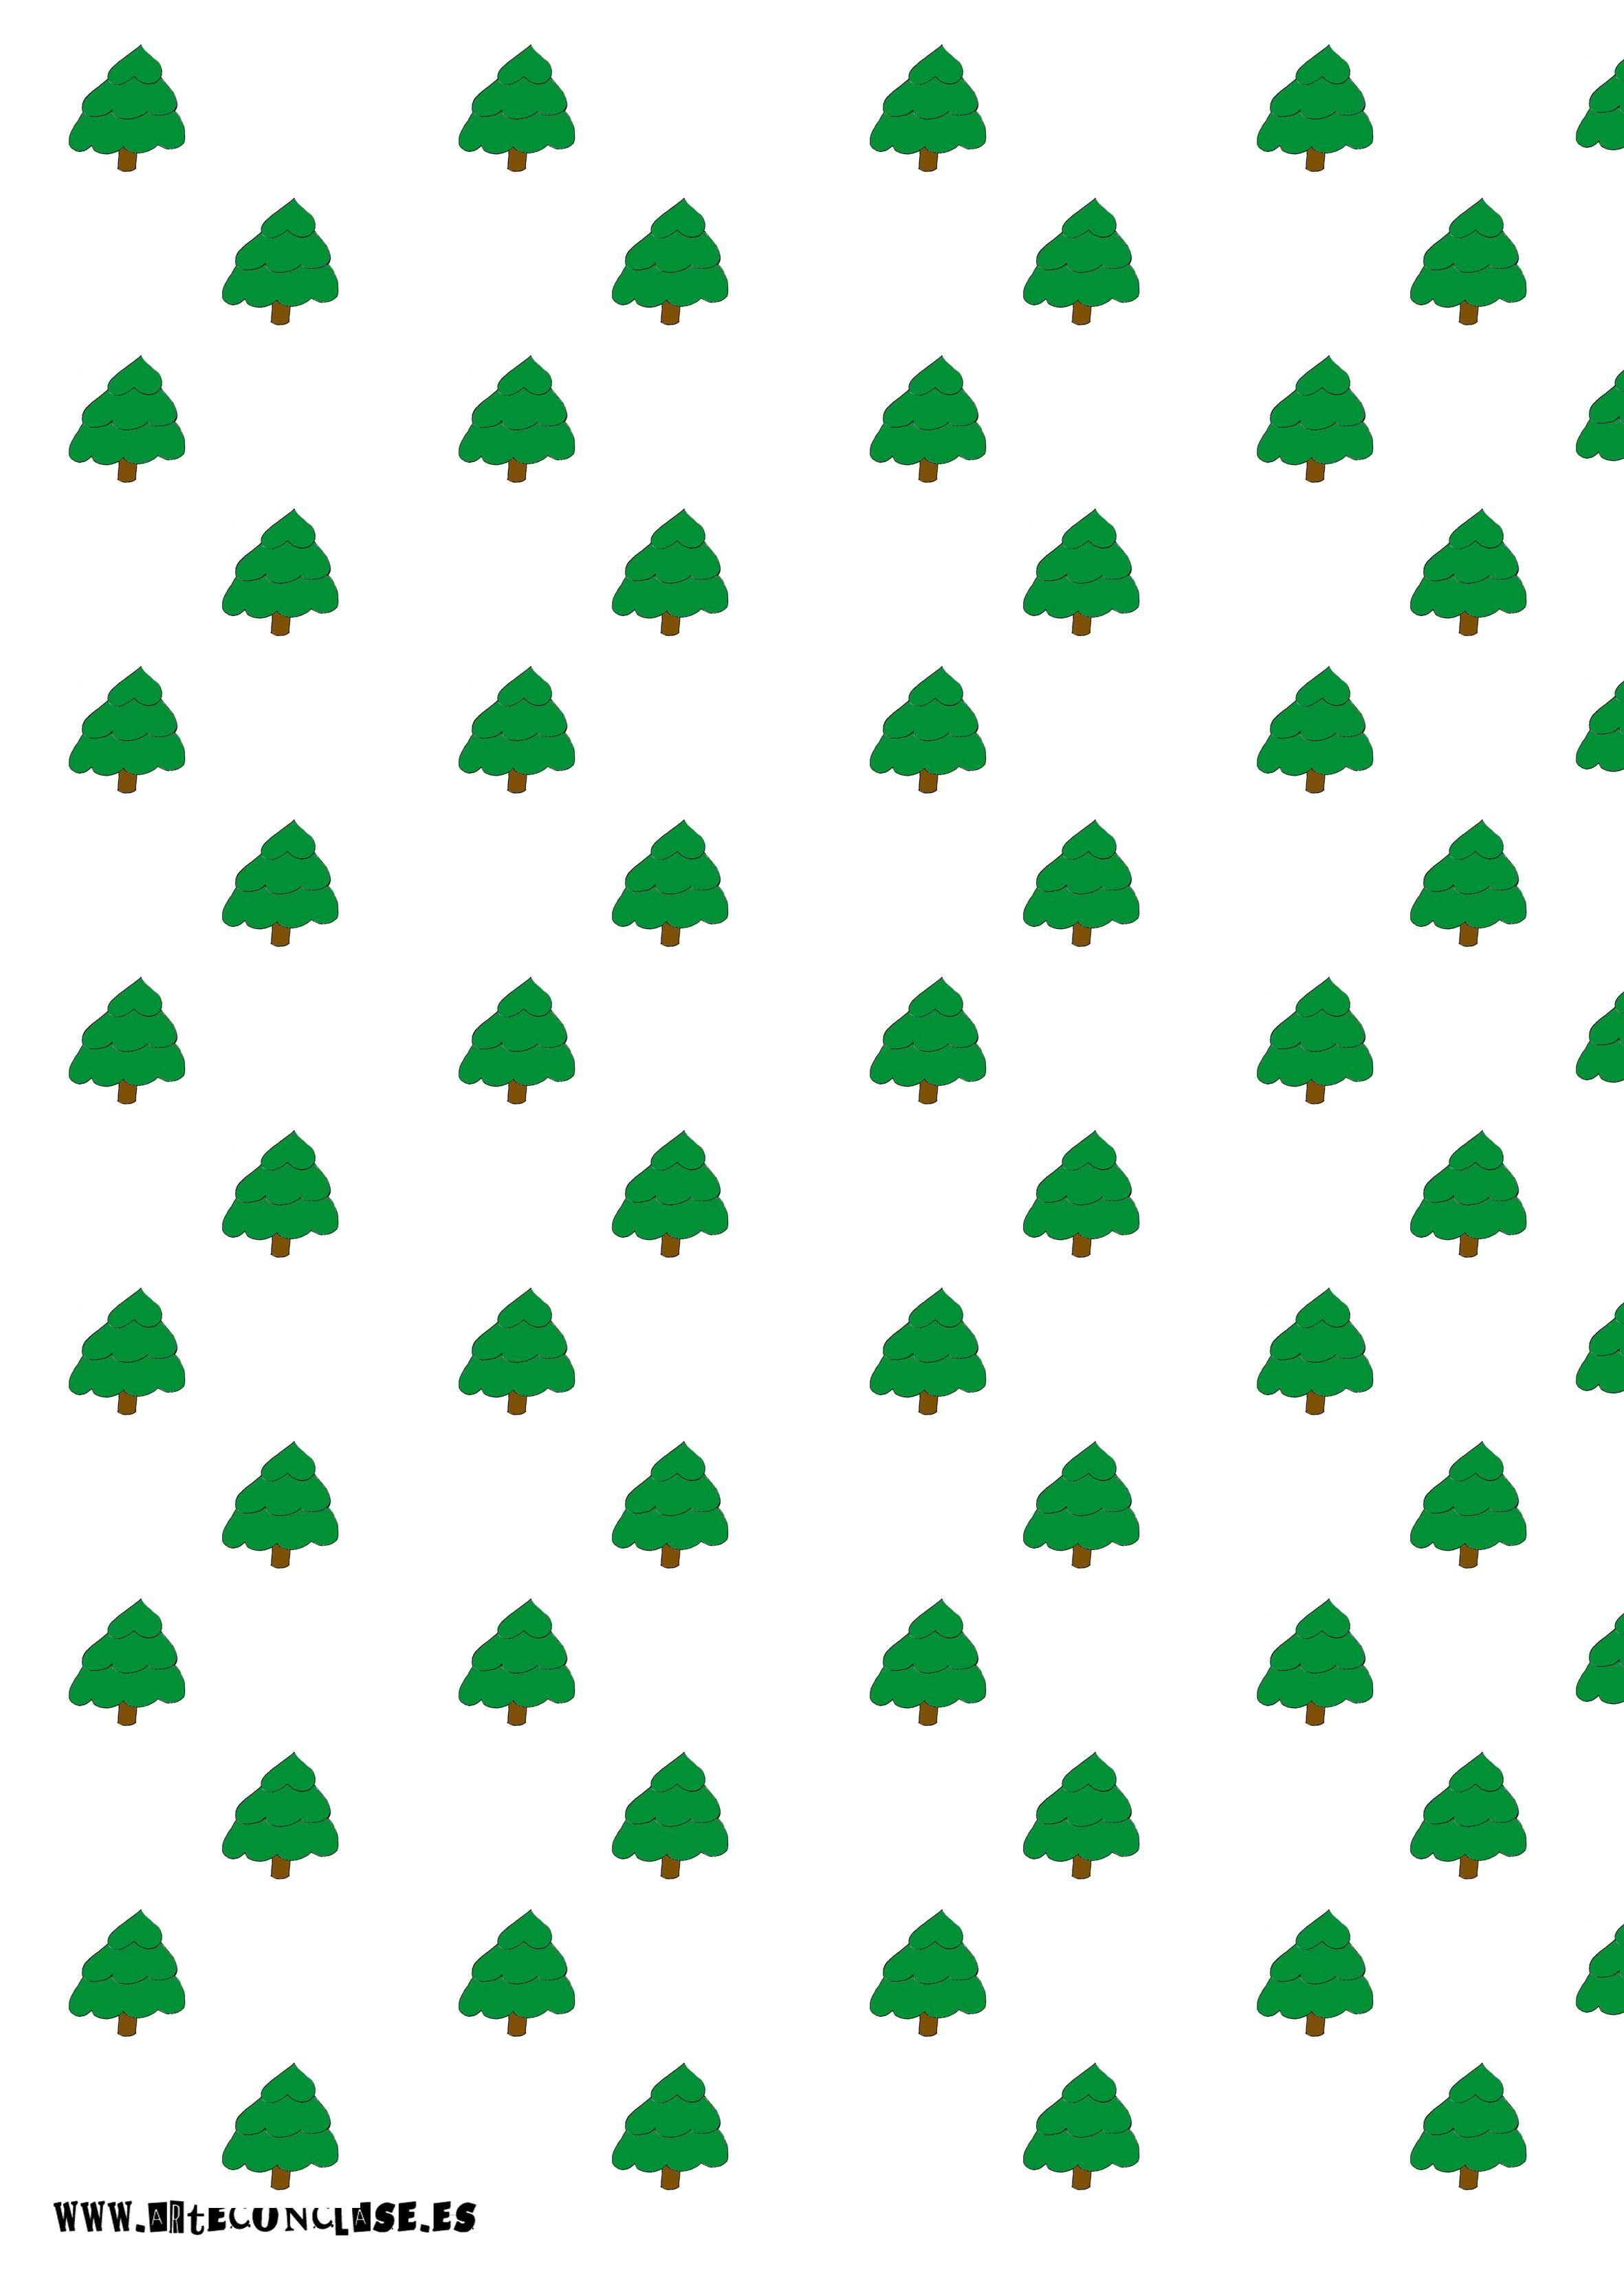 papel deco rbol de navidad papel decorativo wallpaper pinterest